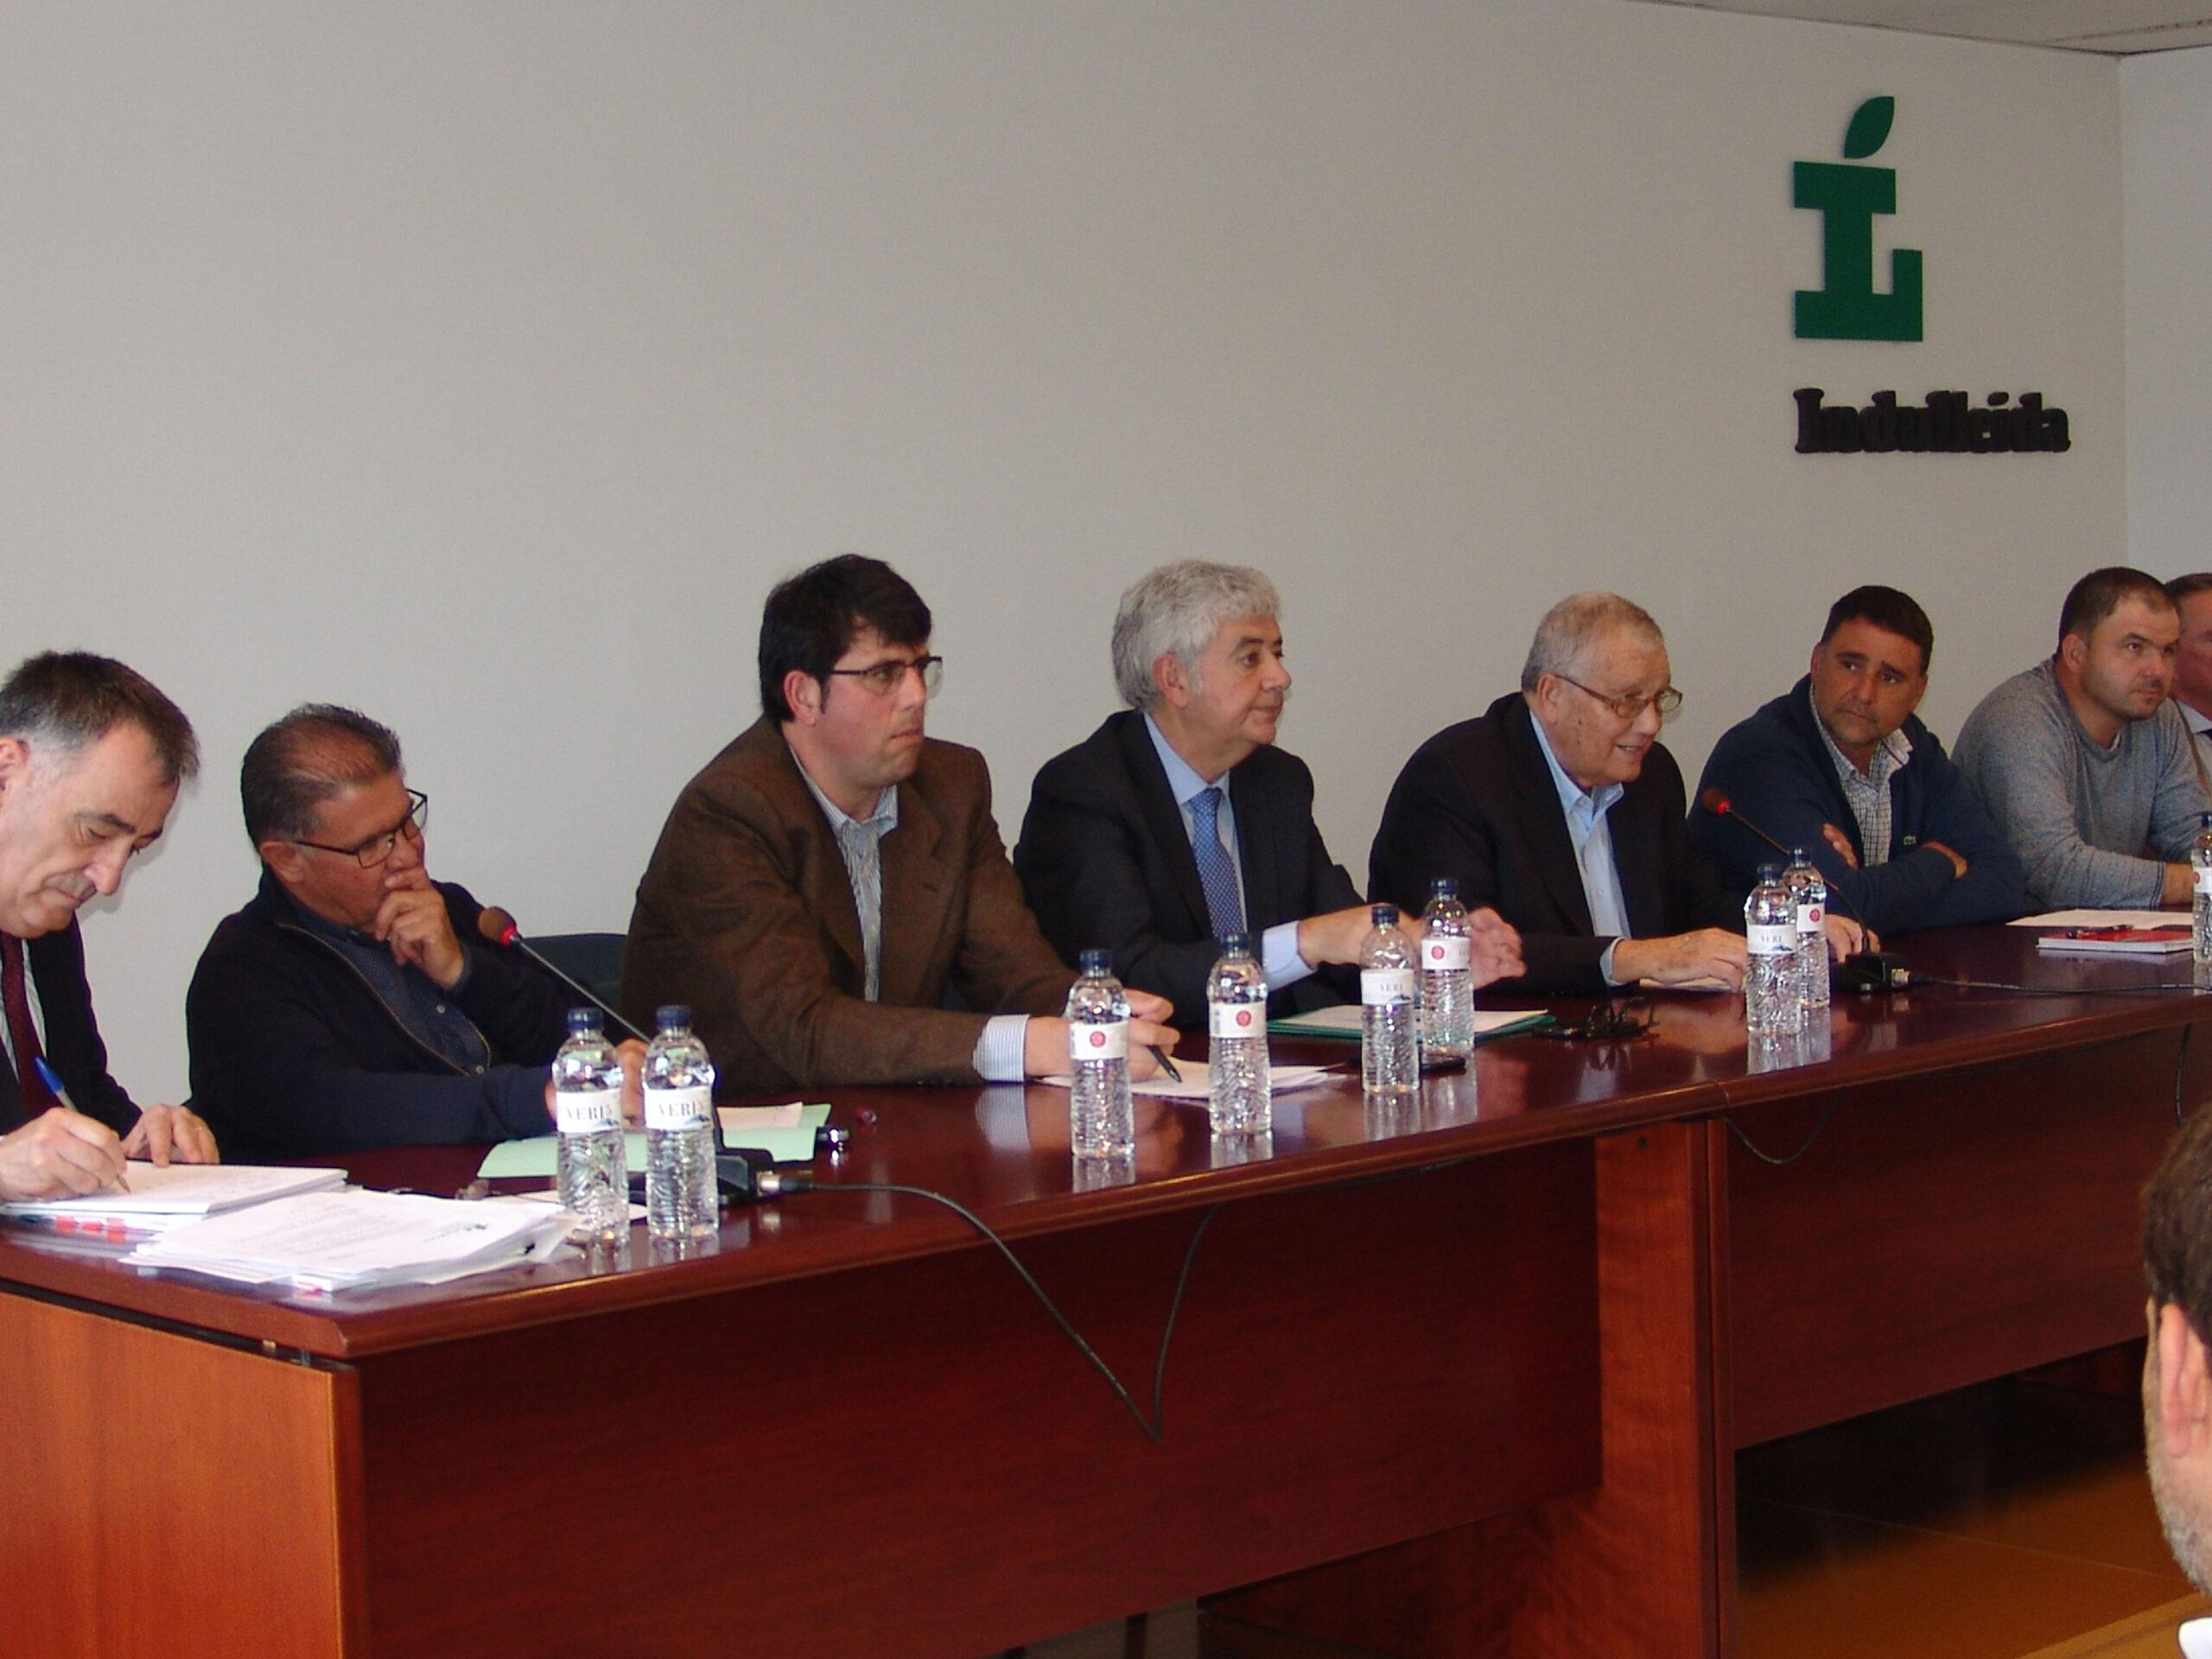 Pla mitjà on es pot veure un moment de la taula presidencial de la Junta General d'Indulleida amb els representants de Nufri, el 2 d'abril de 2019. (Horitzontal)